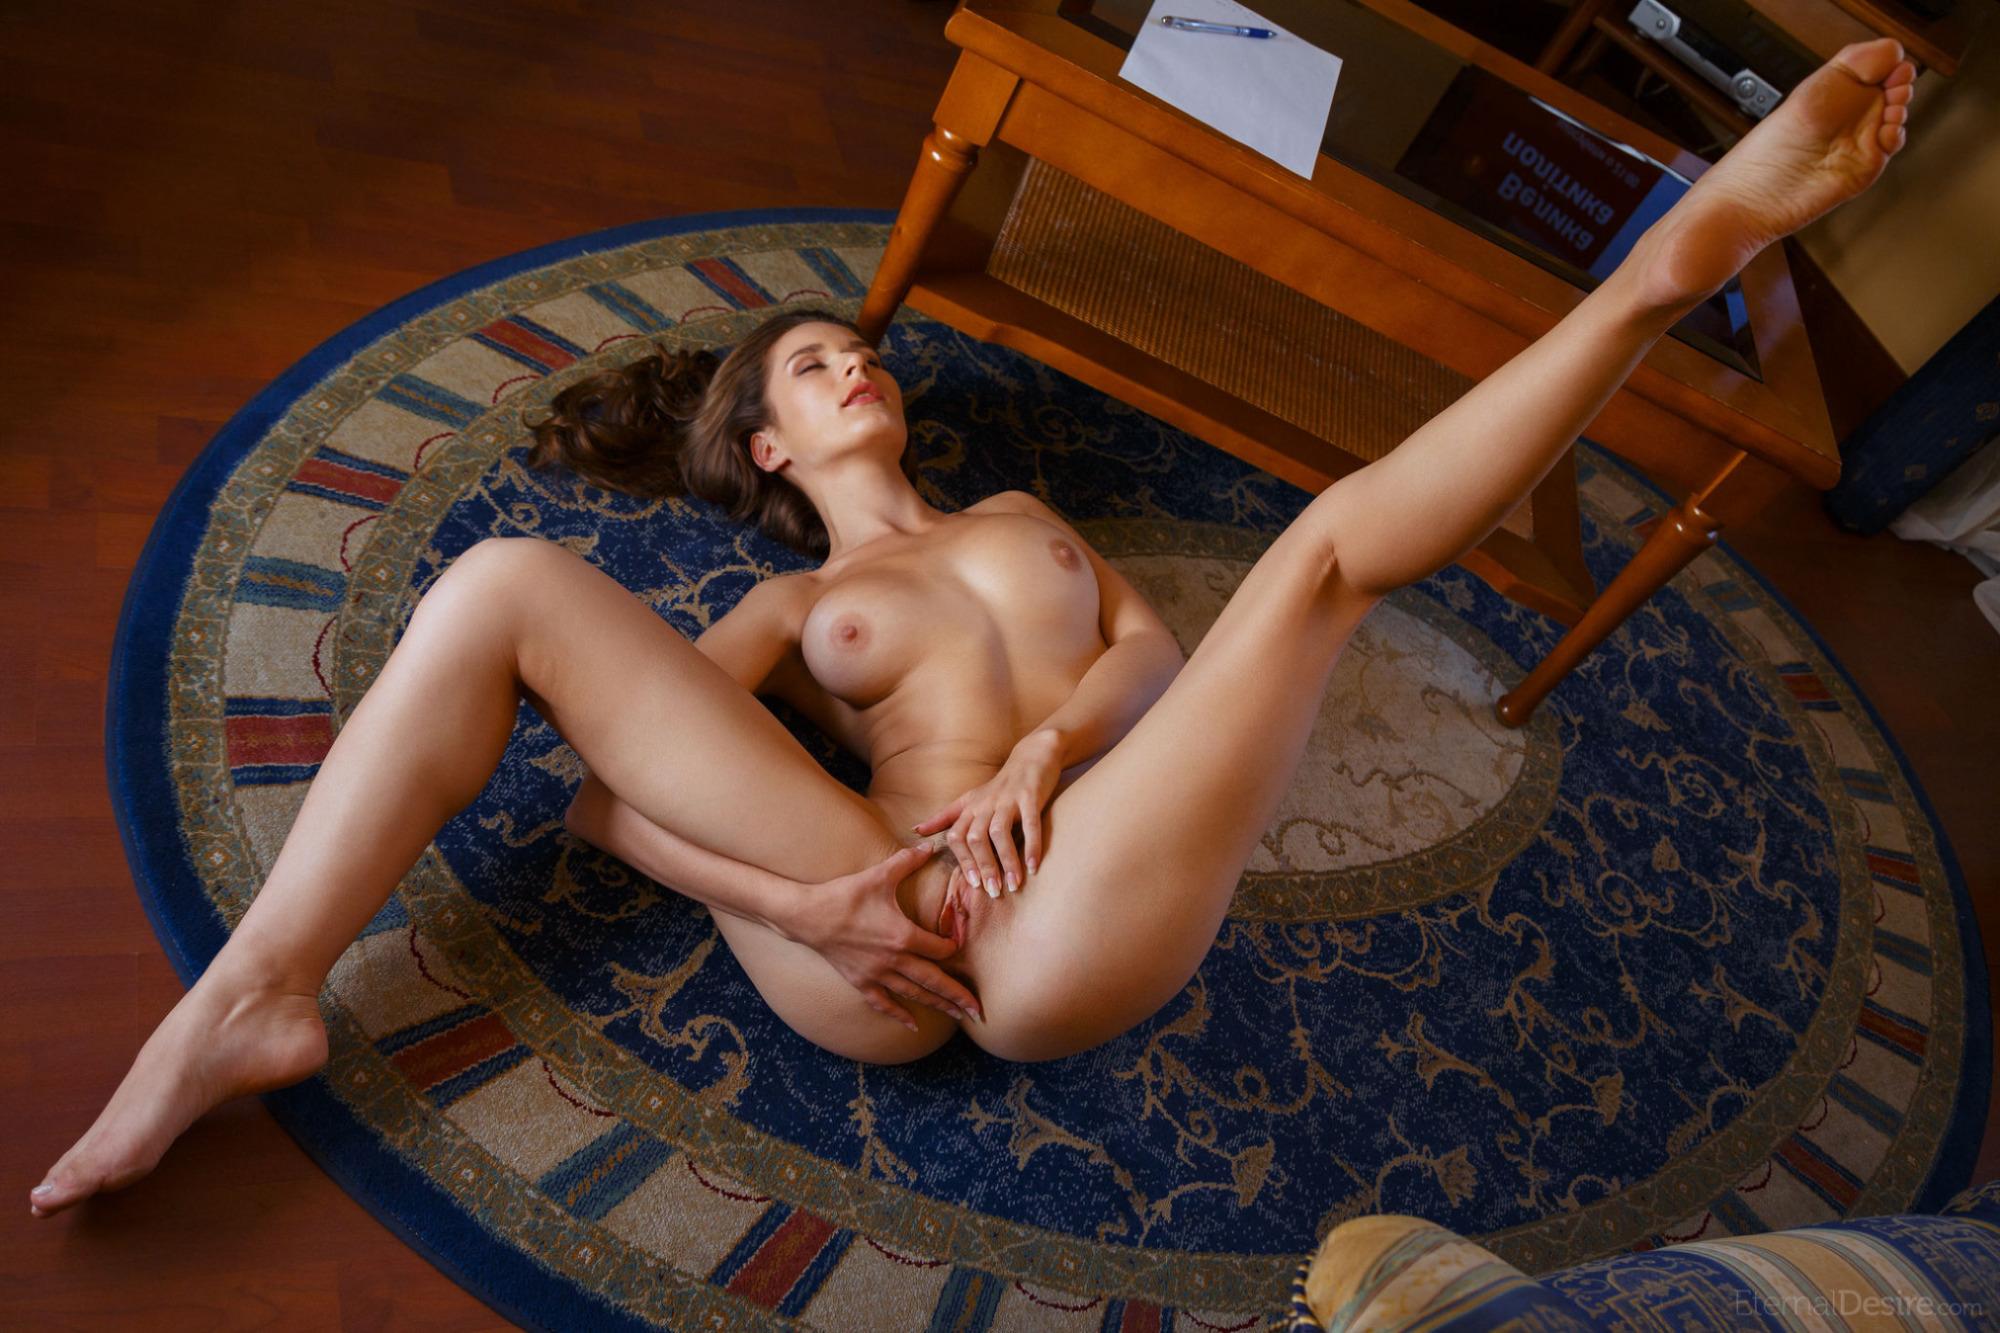 Девушка раздвинула ножки порно фото — 15